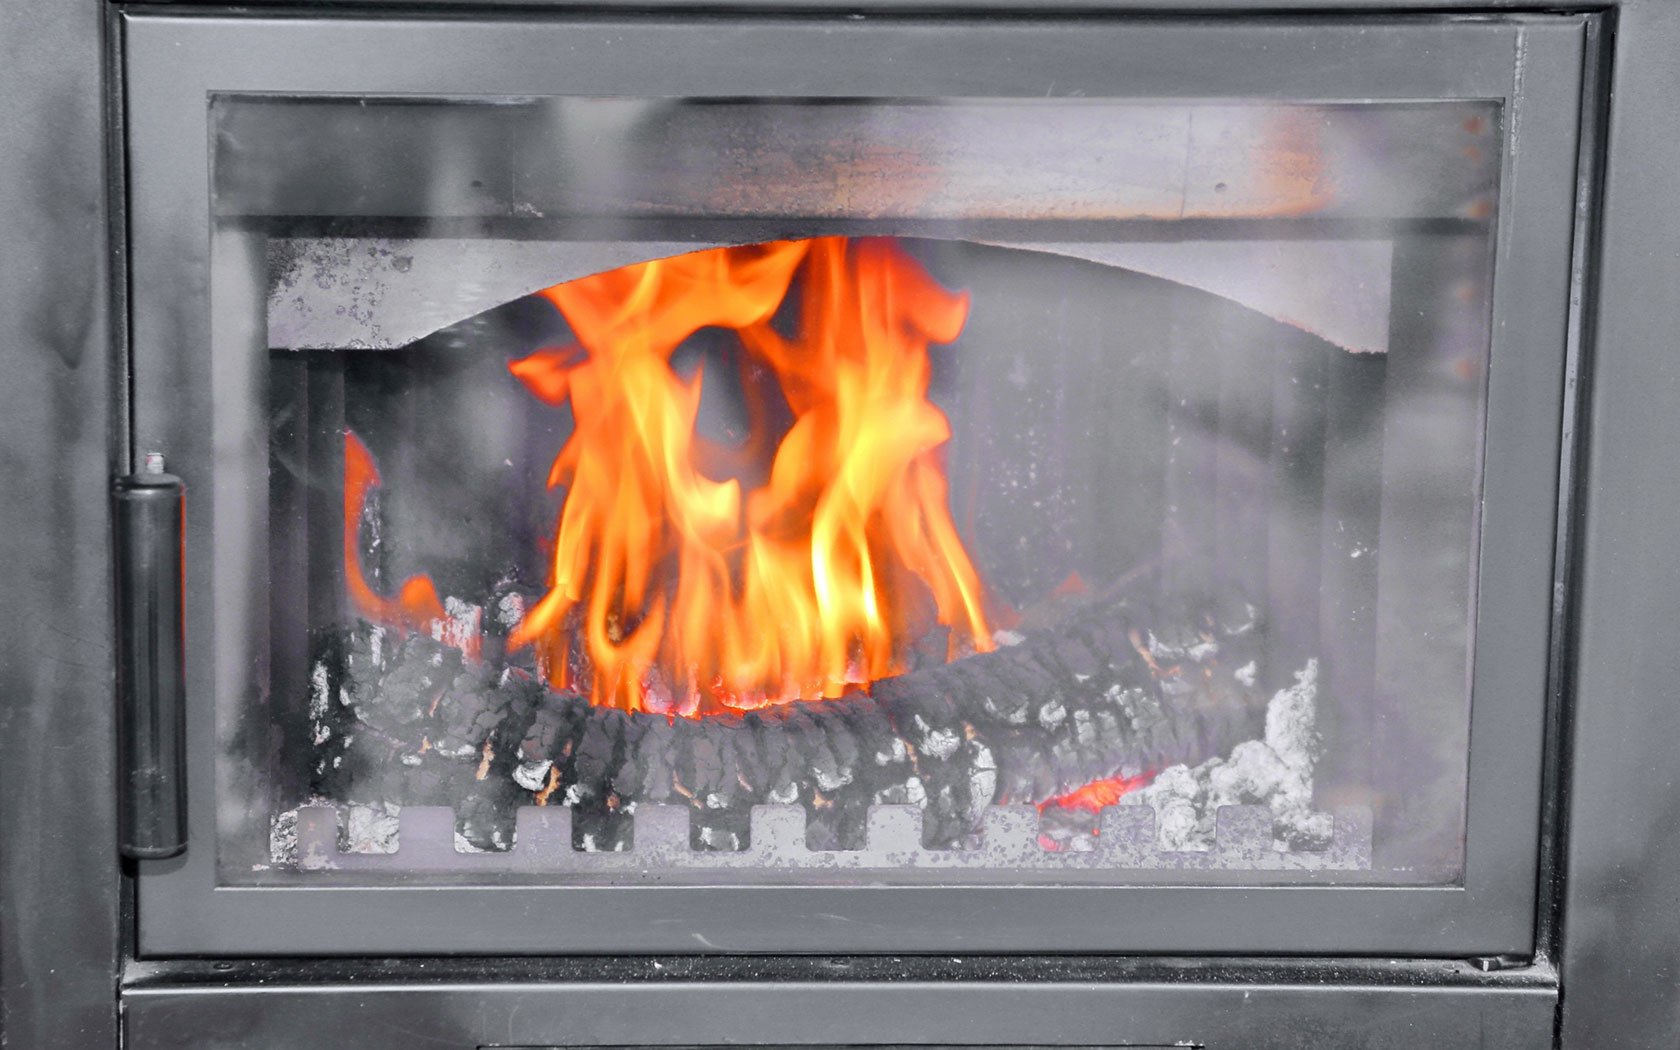 moderna stufa per riscaldare Casa a legna